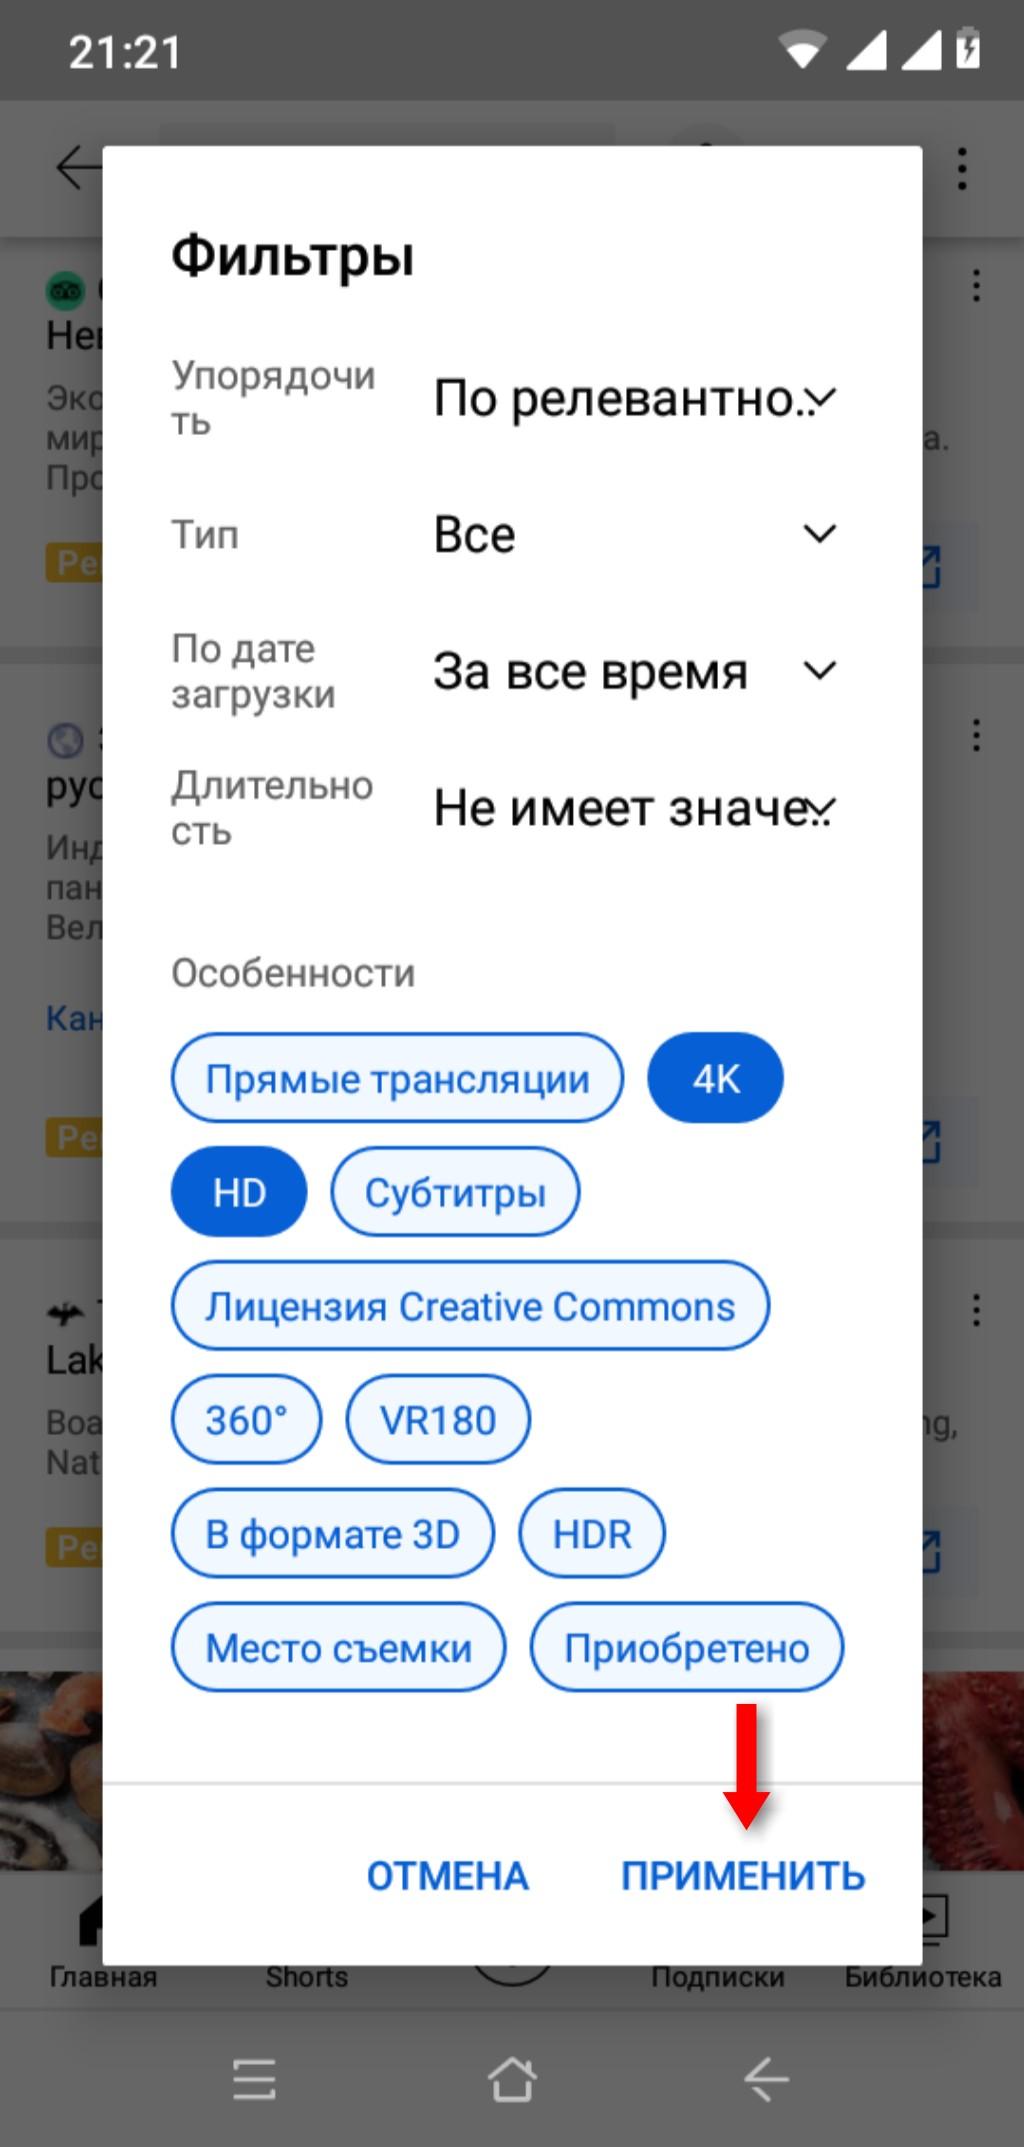 InFrame_1628015010475.jpg